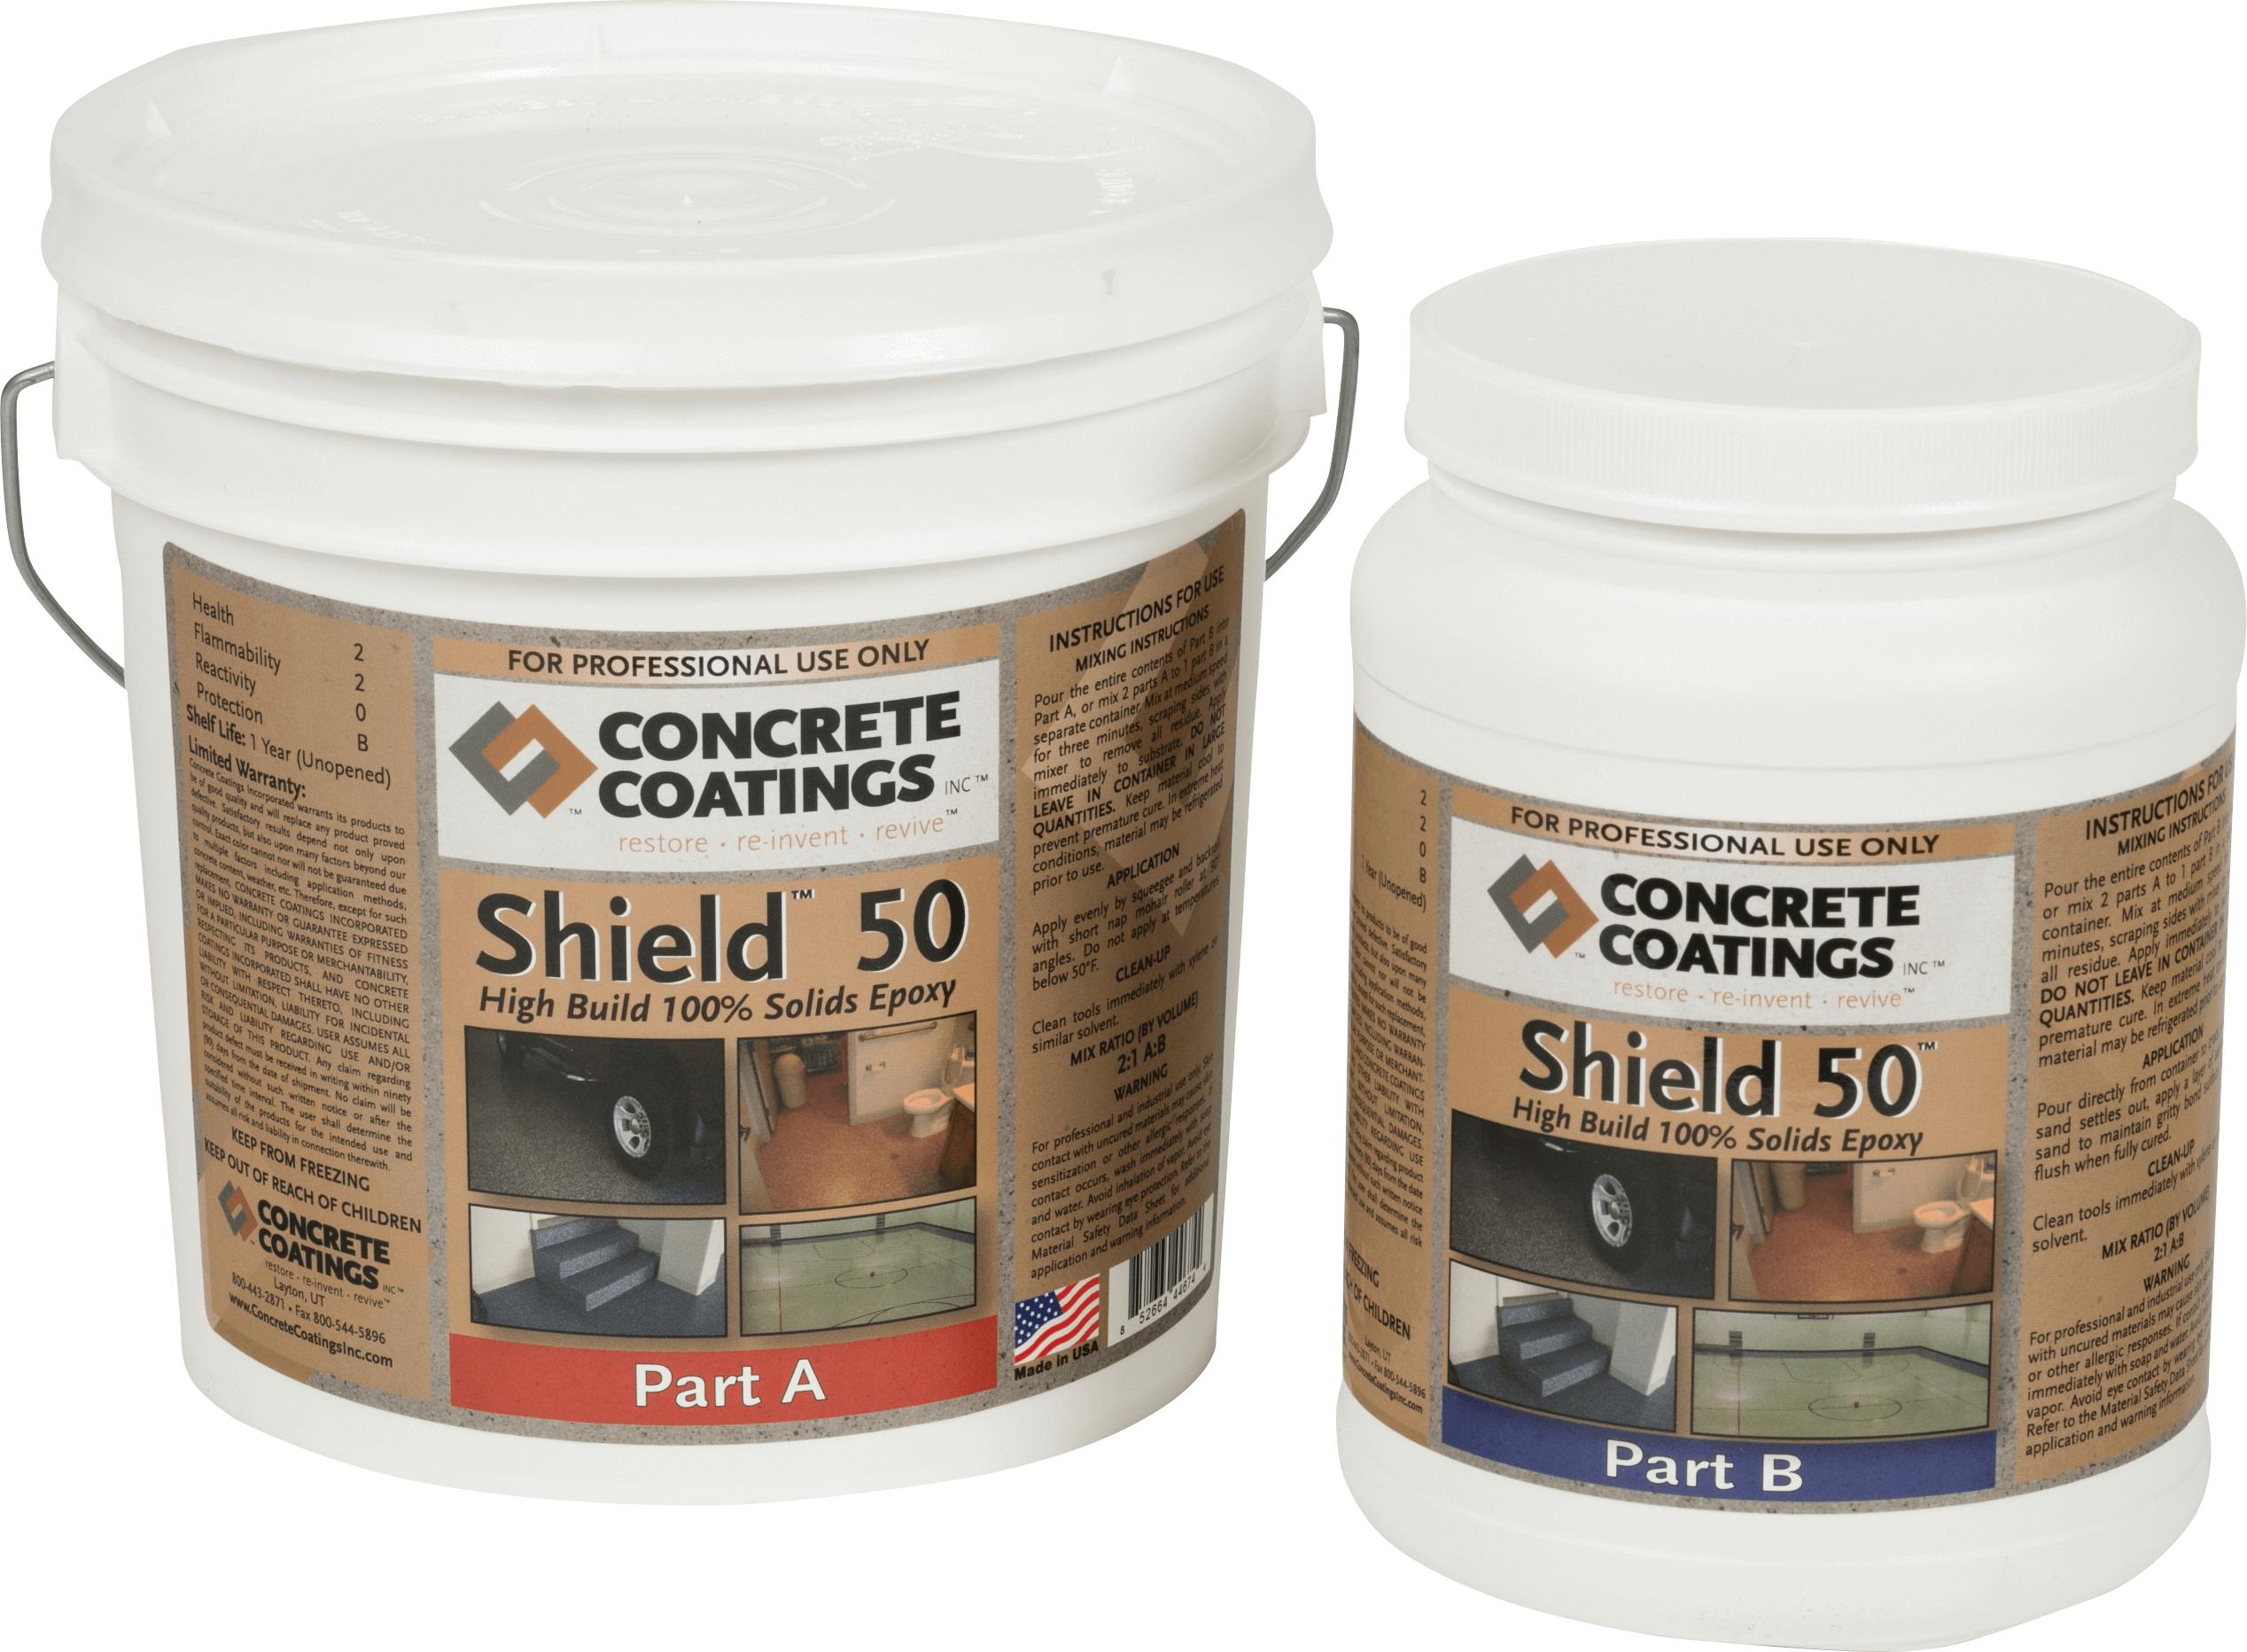 Shield 50™